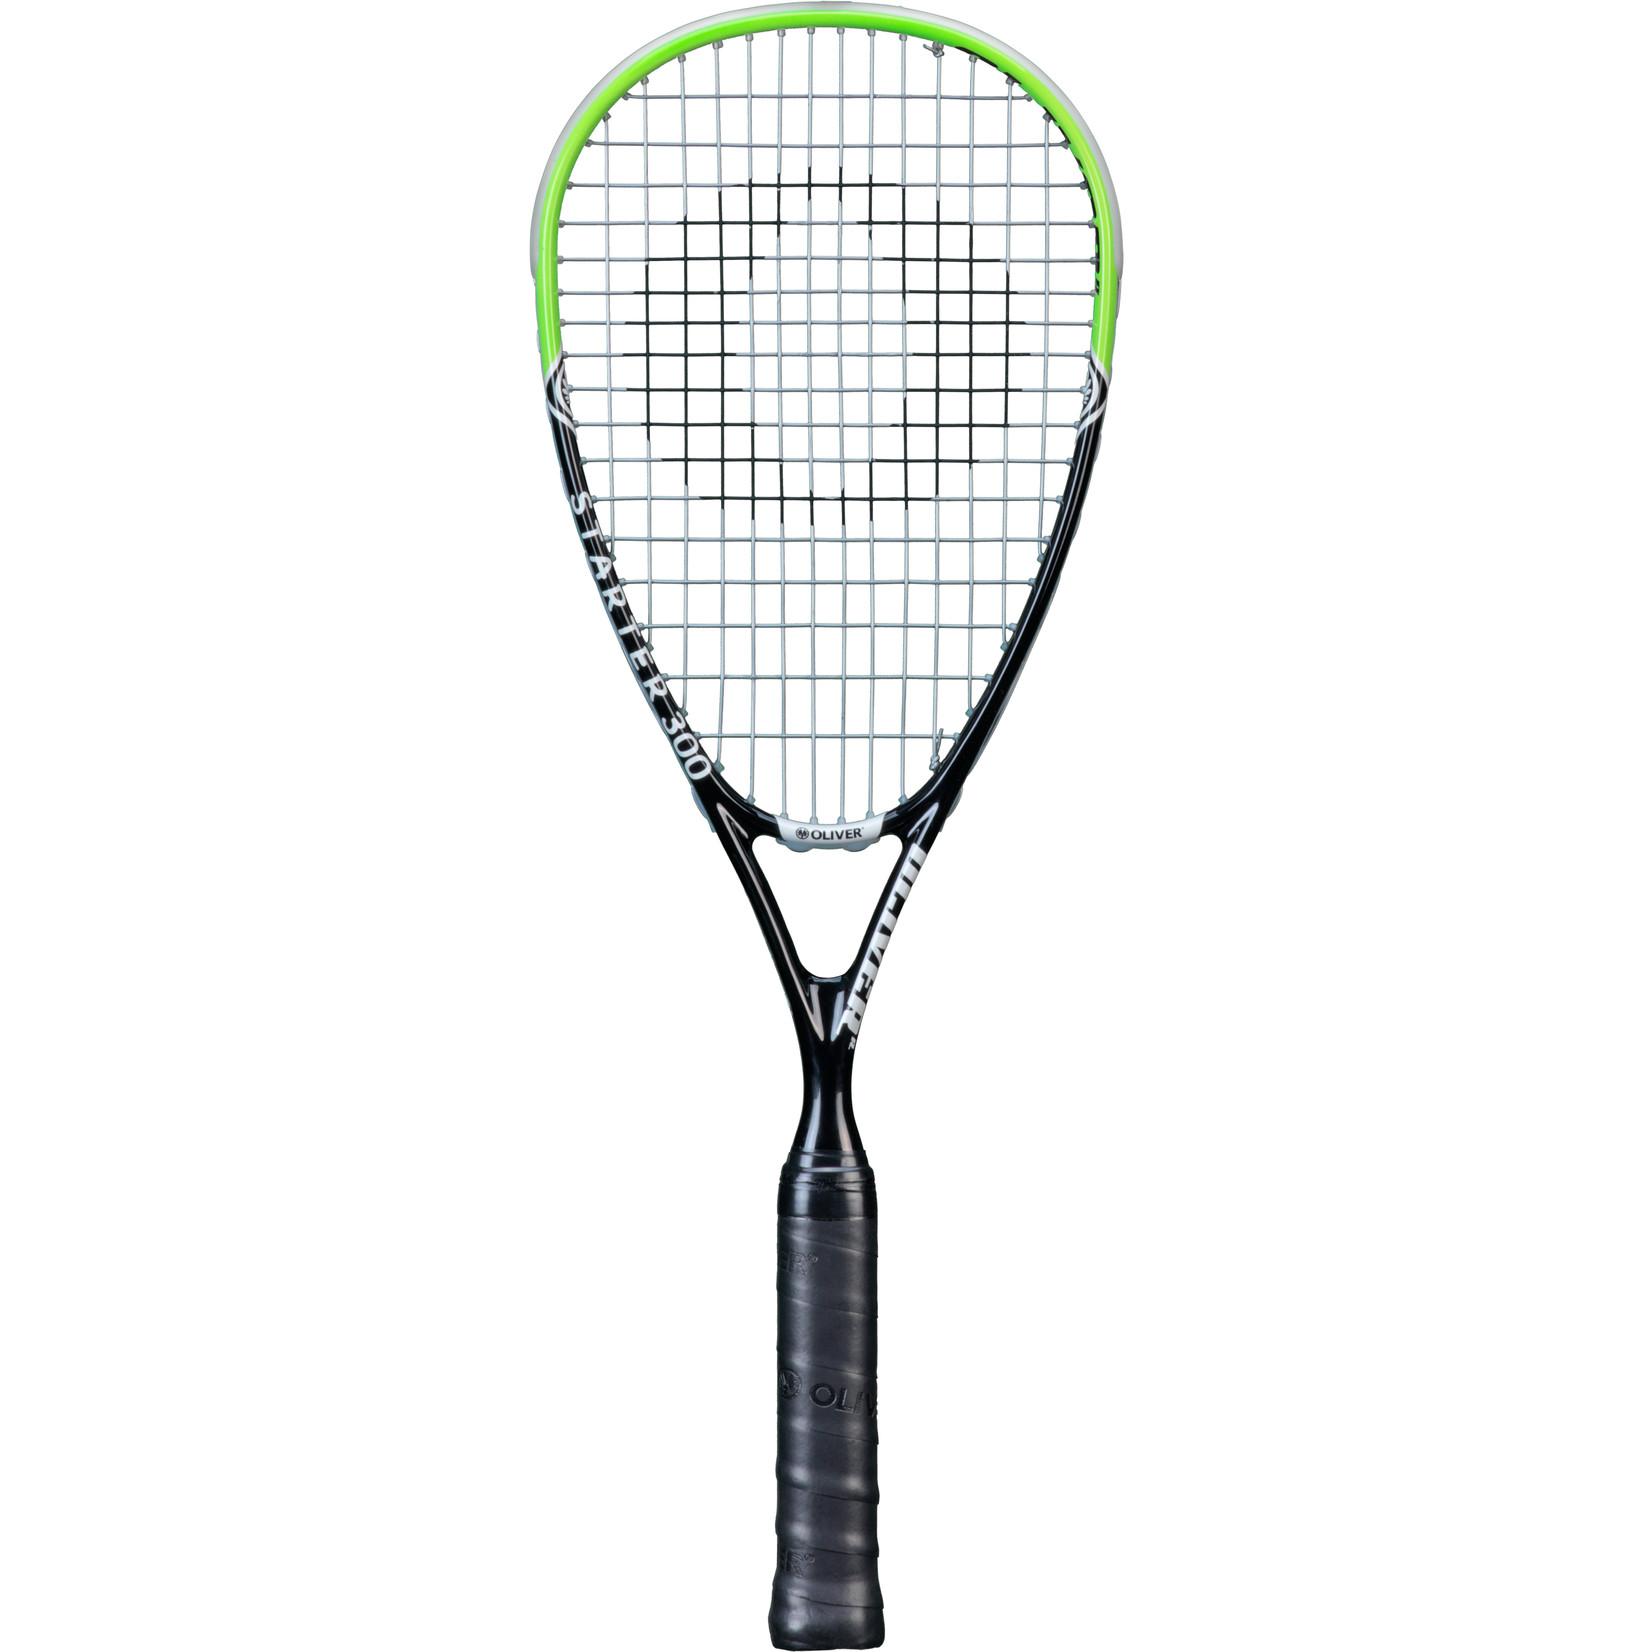 Oliver Starter racket